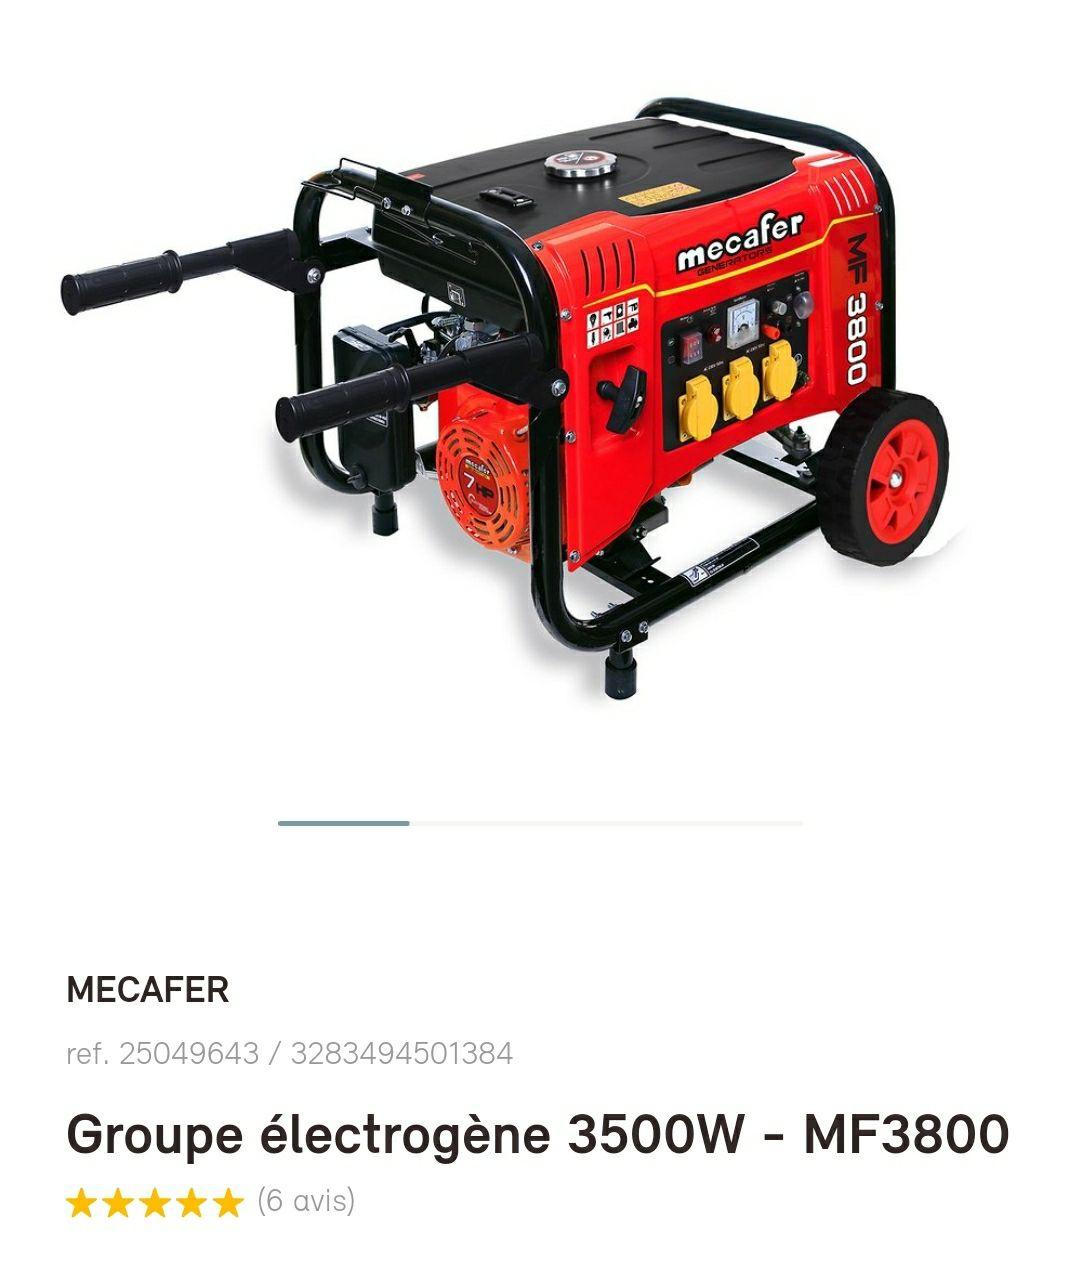 Groupe électrogène Mecafer MF3800 - 3500W